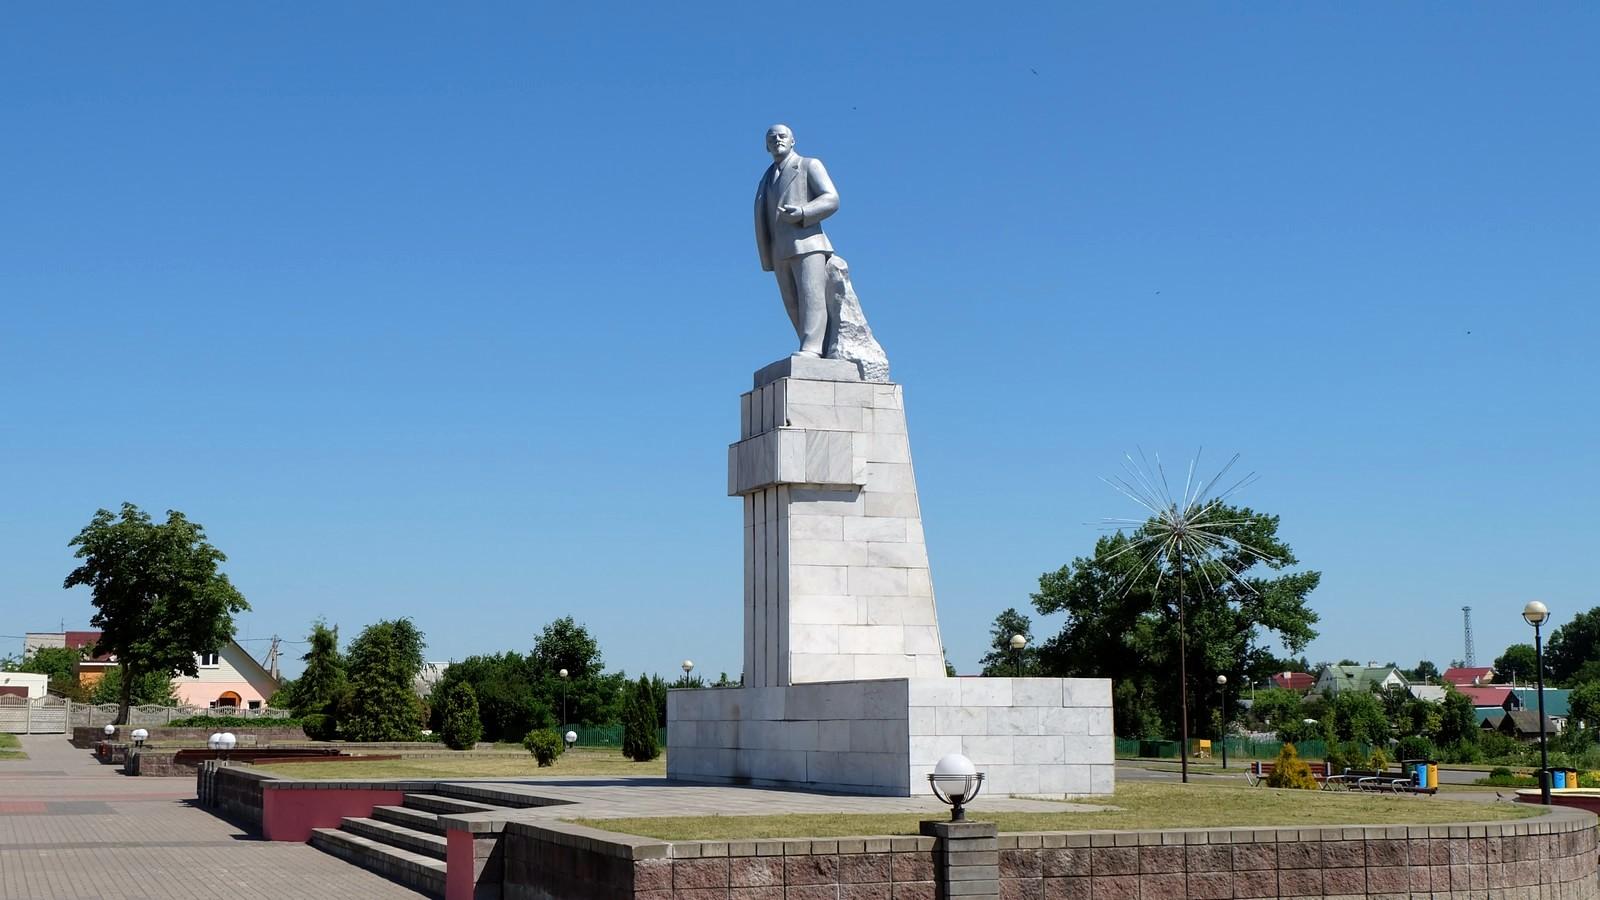 Ленин, Сморгонь, Беларусь